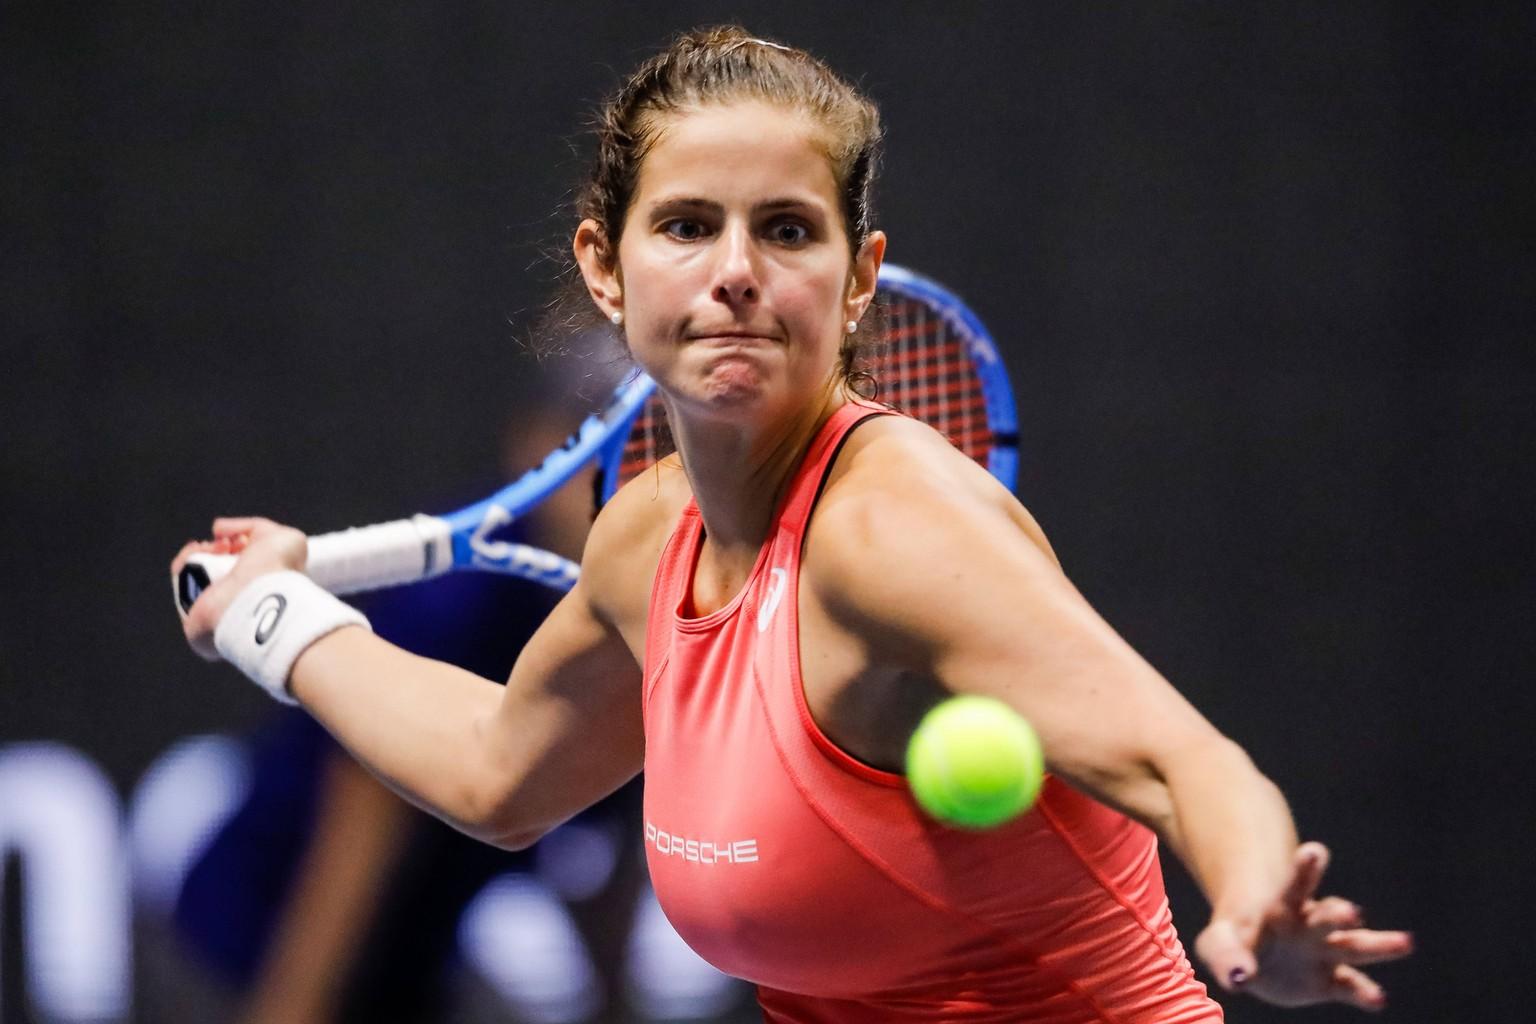 Körbchengröße julia görges Tennis: At